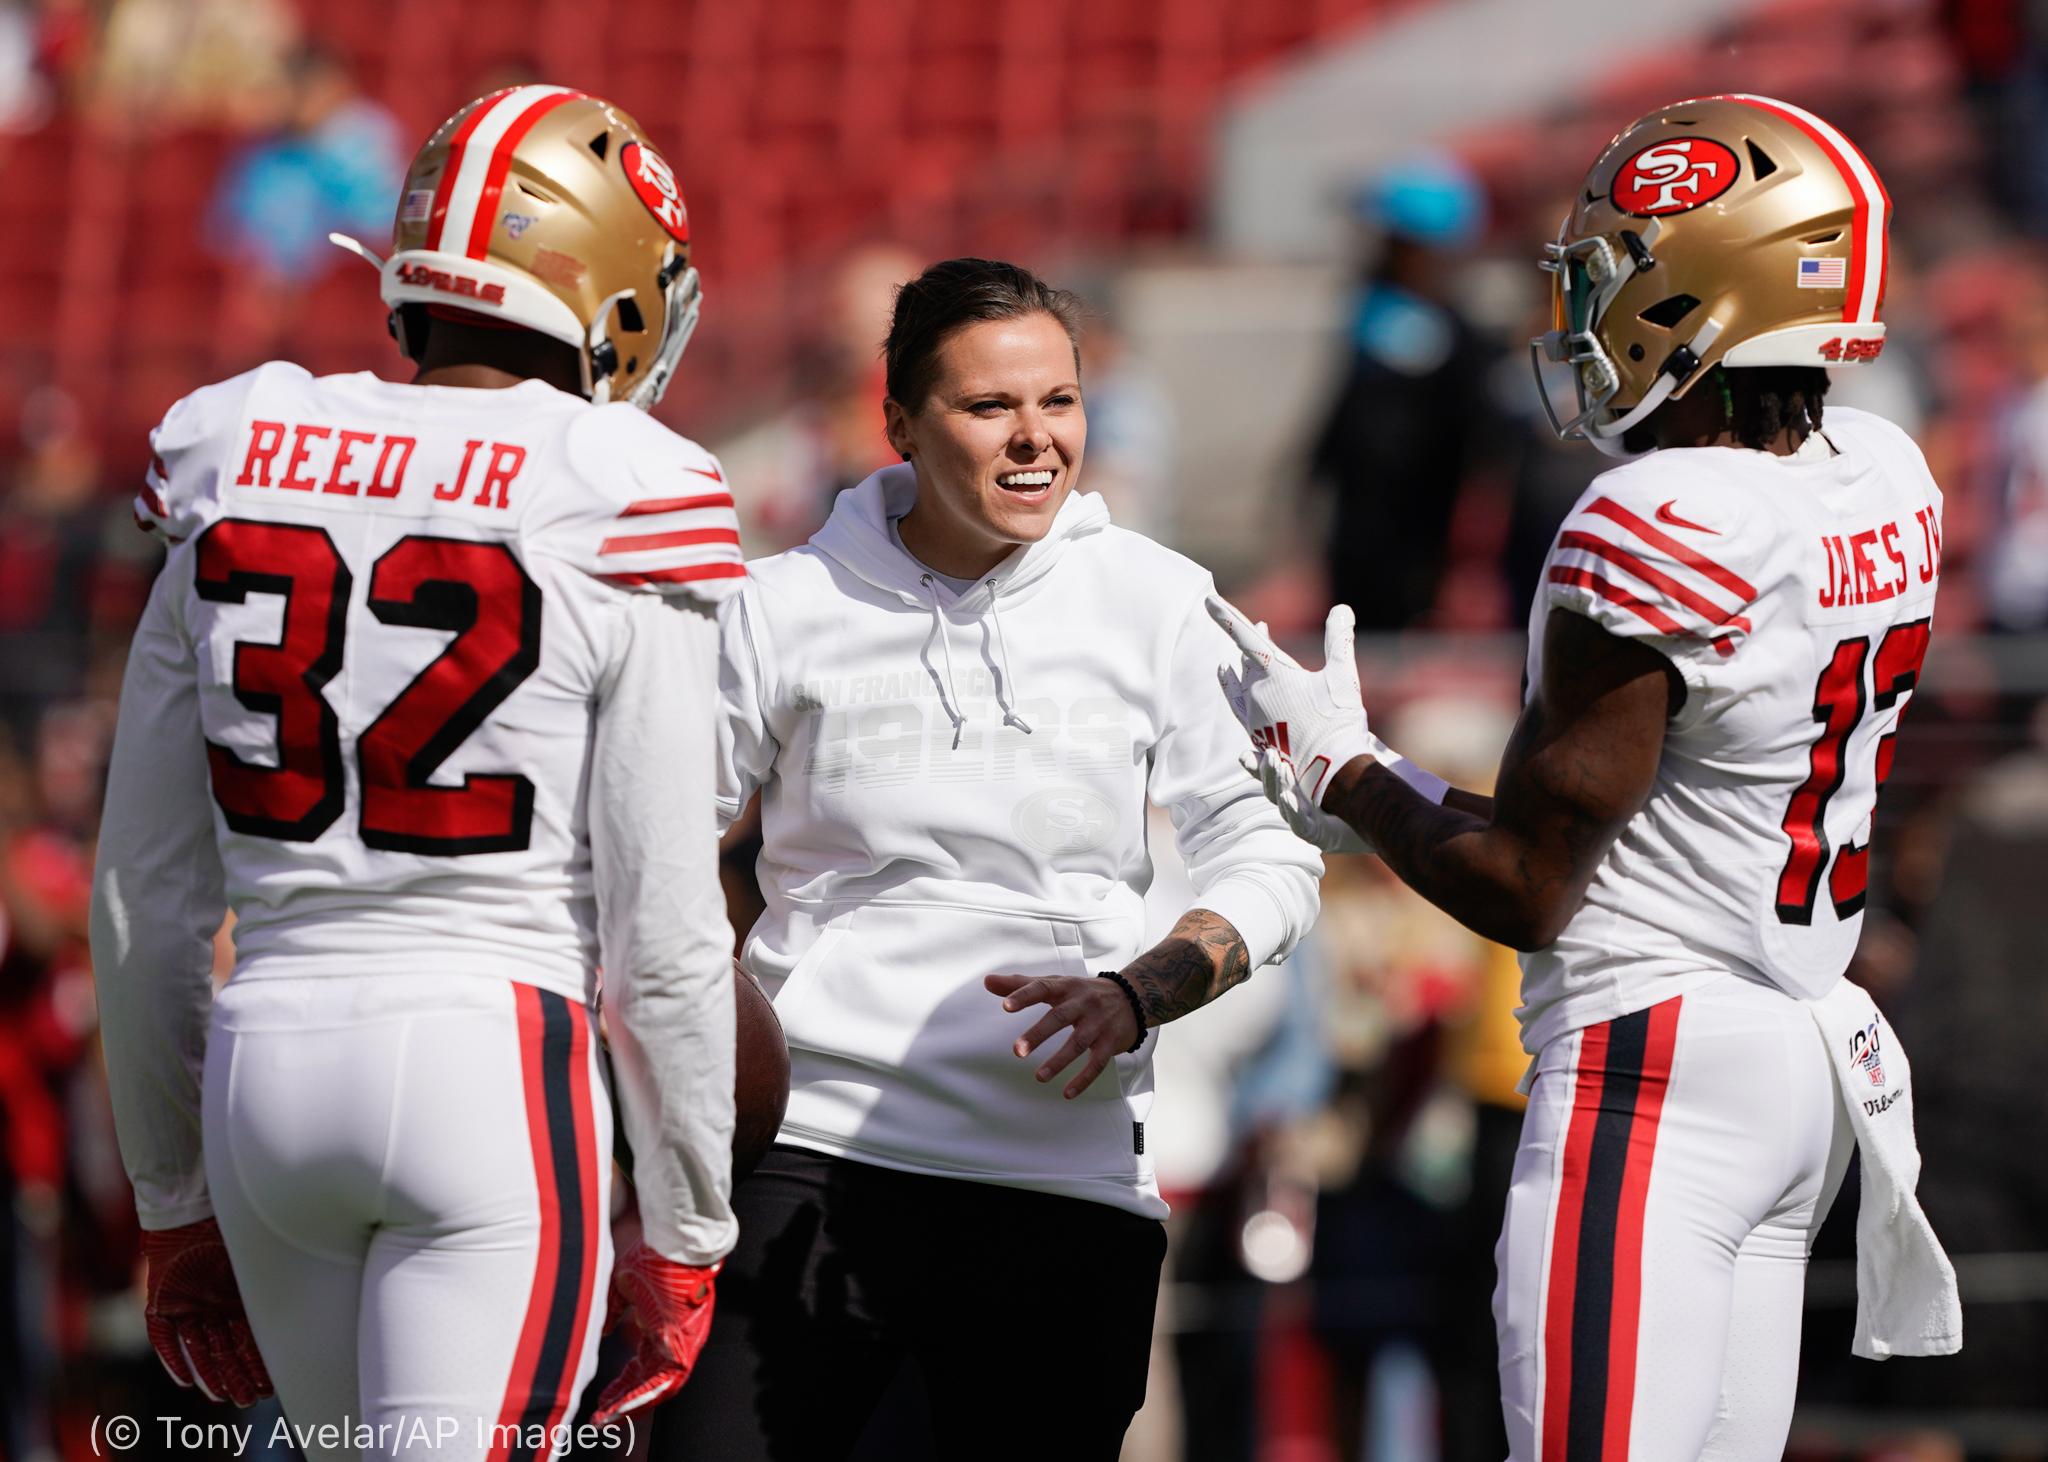 مربی زن فوتبال آمریکایی با دو بازیکن صحبت می کند (© Tony Avelar/AP Images)